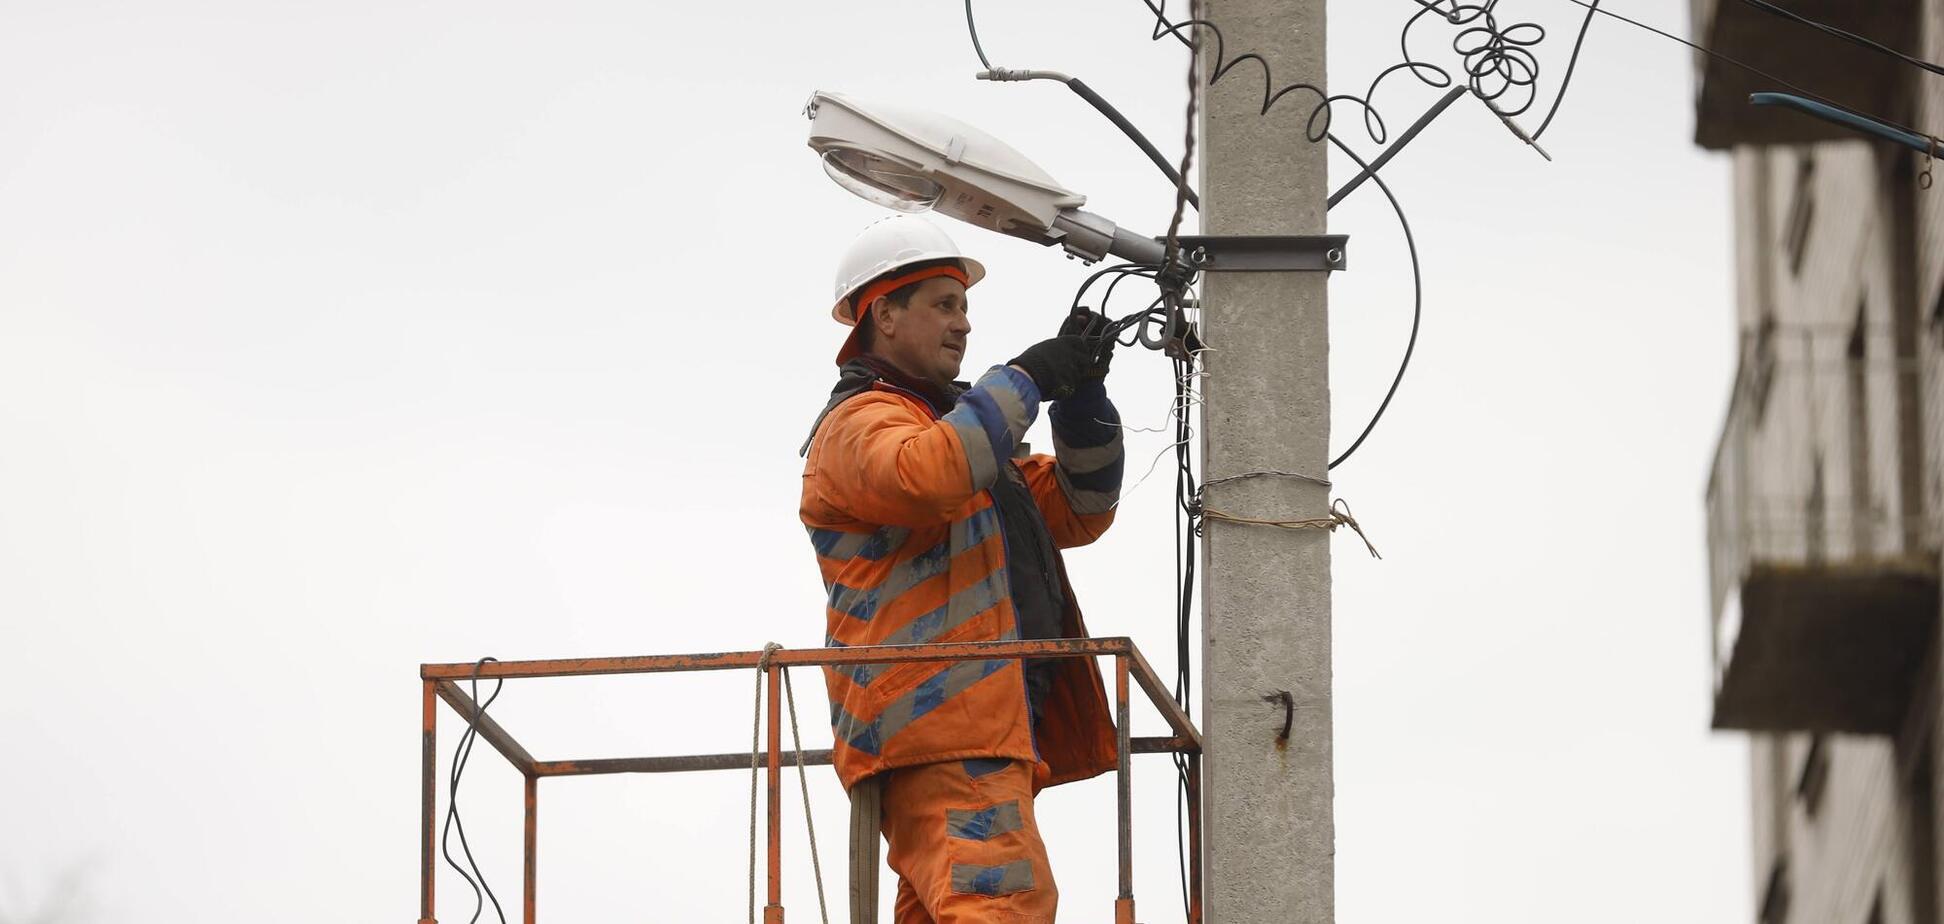 В Днепре восстанавливают сети наружного освещения во дворах домов на ул. Солидарности